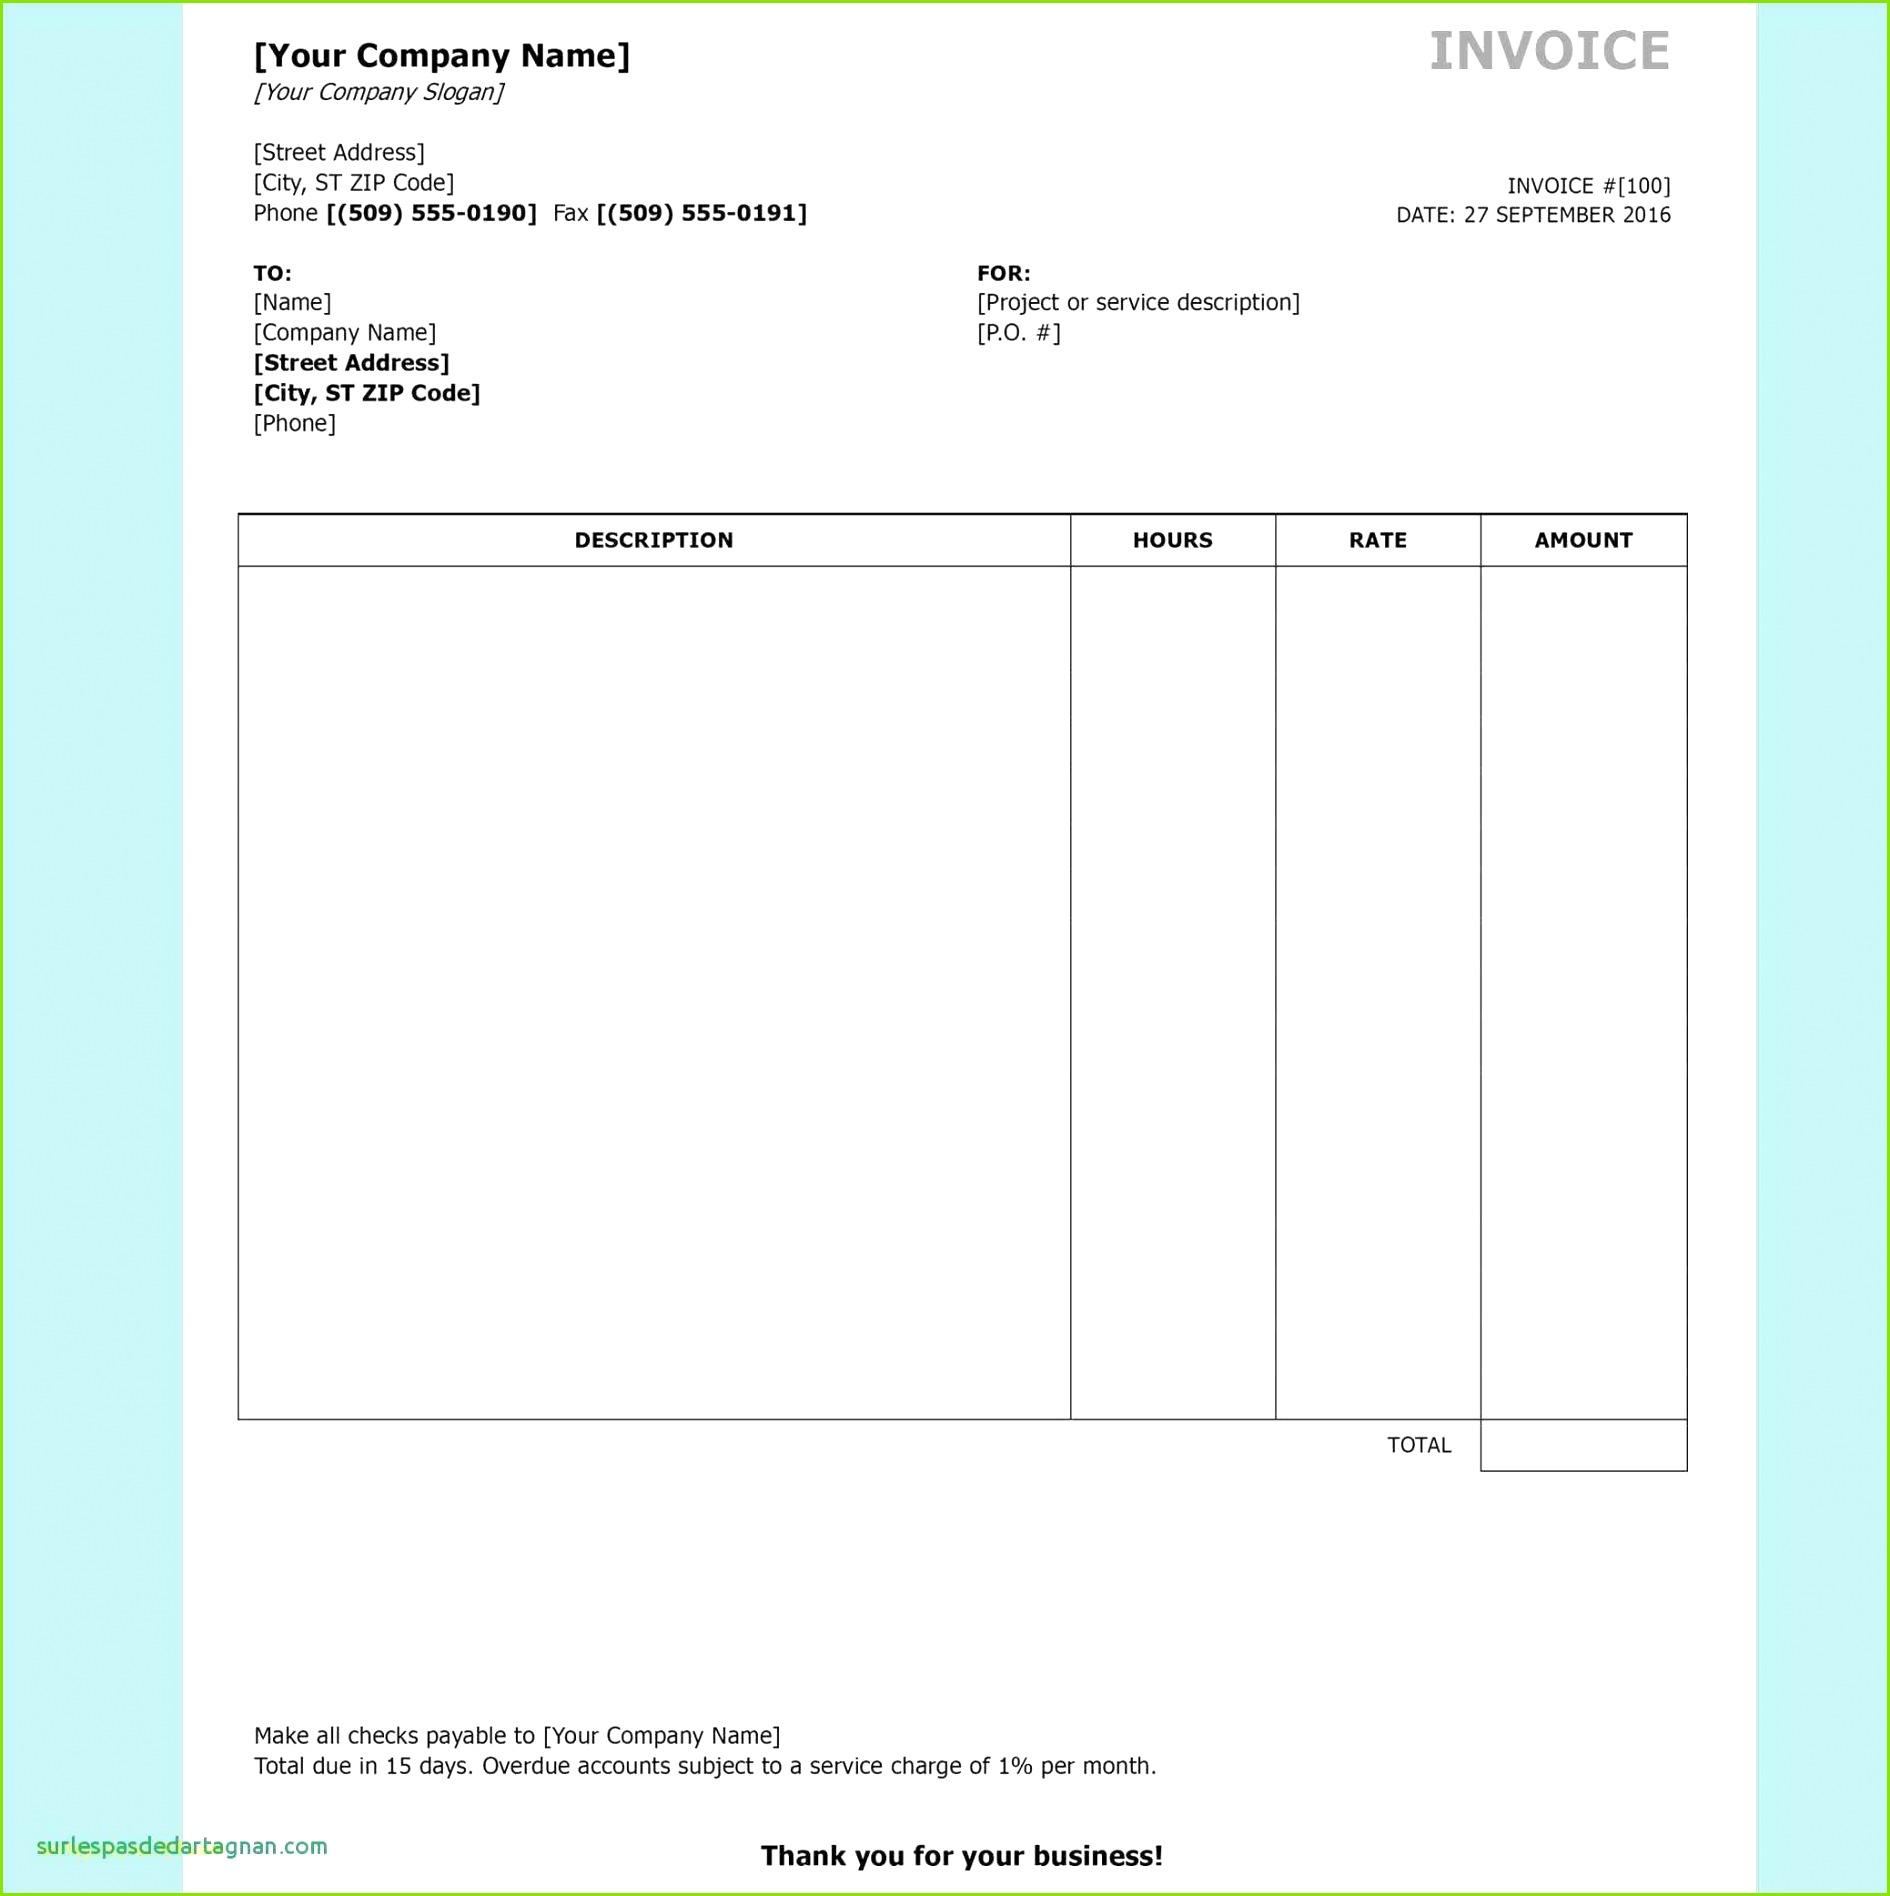 Excel Invoices Templates Free and Invoice Word Template Unique Ivoice Template 0d Archives Free Resume gefahrstoffkataster vorlage gefahrstoffverzeichnis